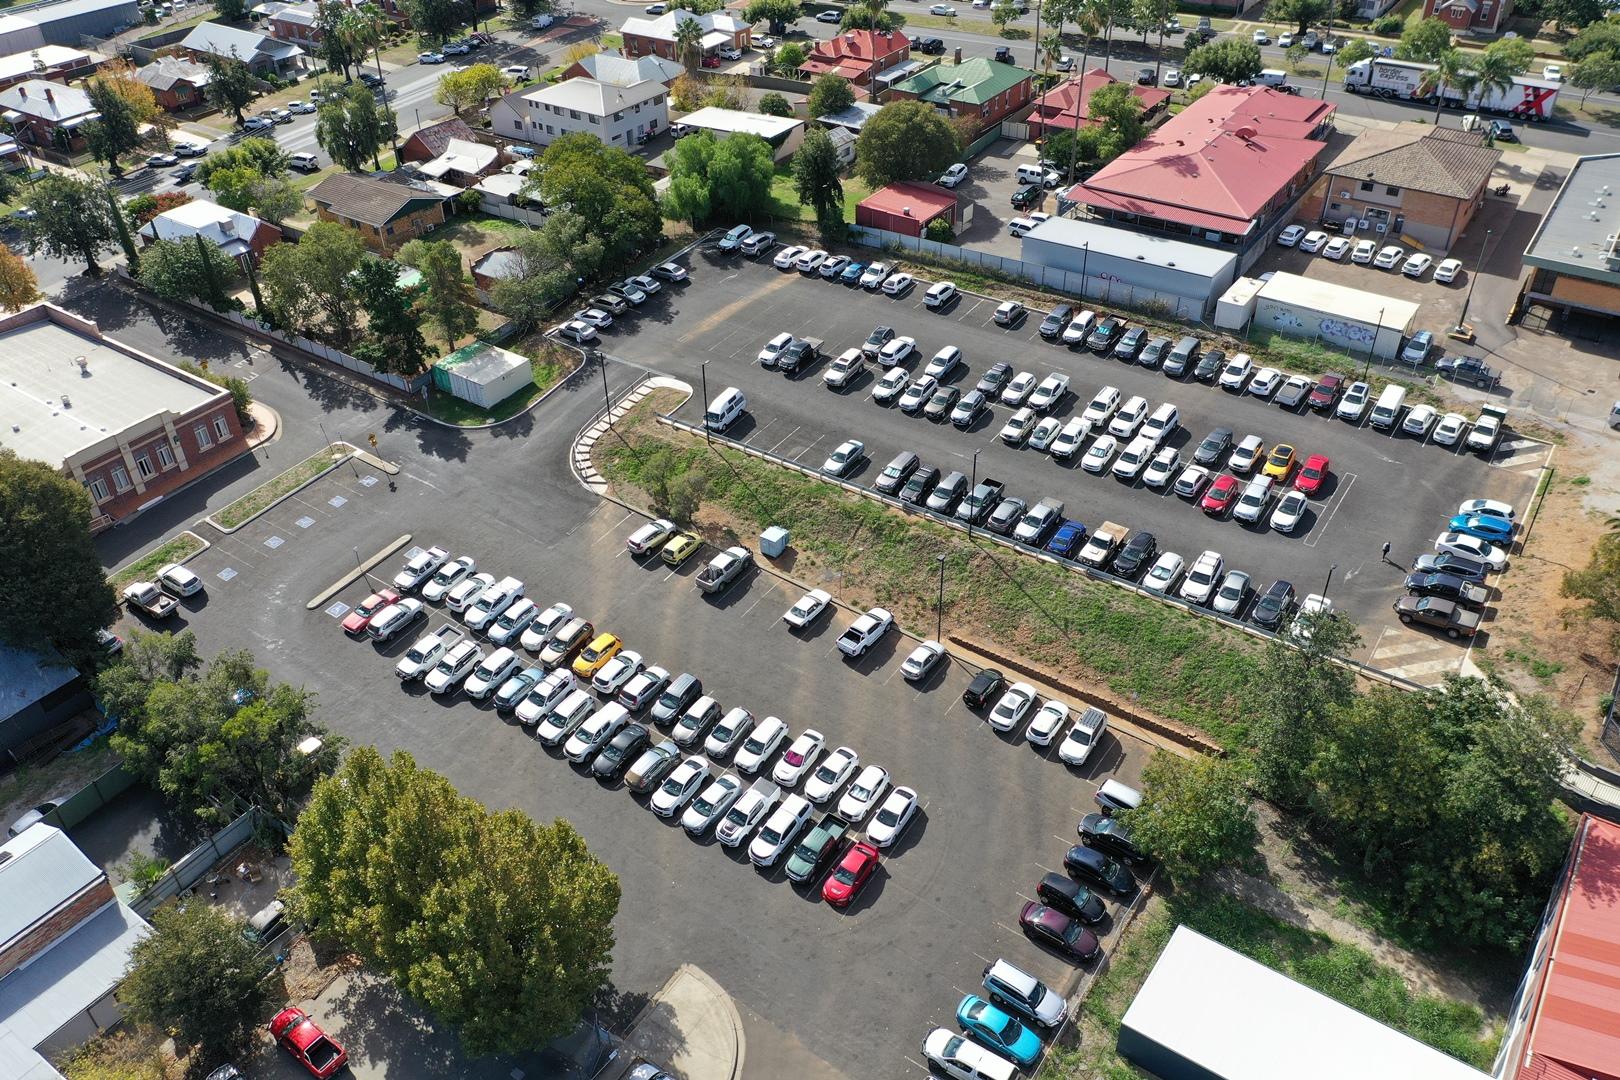 Community Centre Car Park